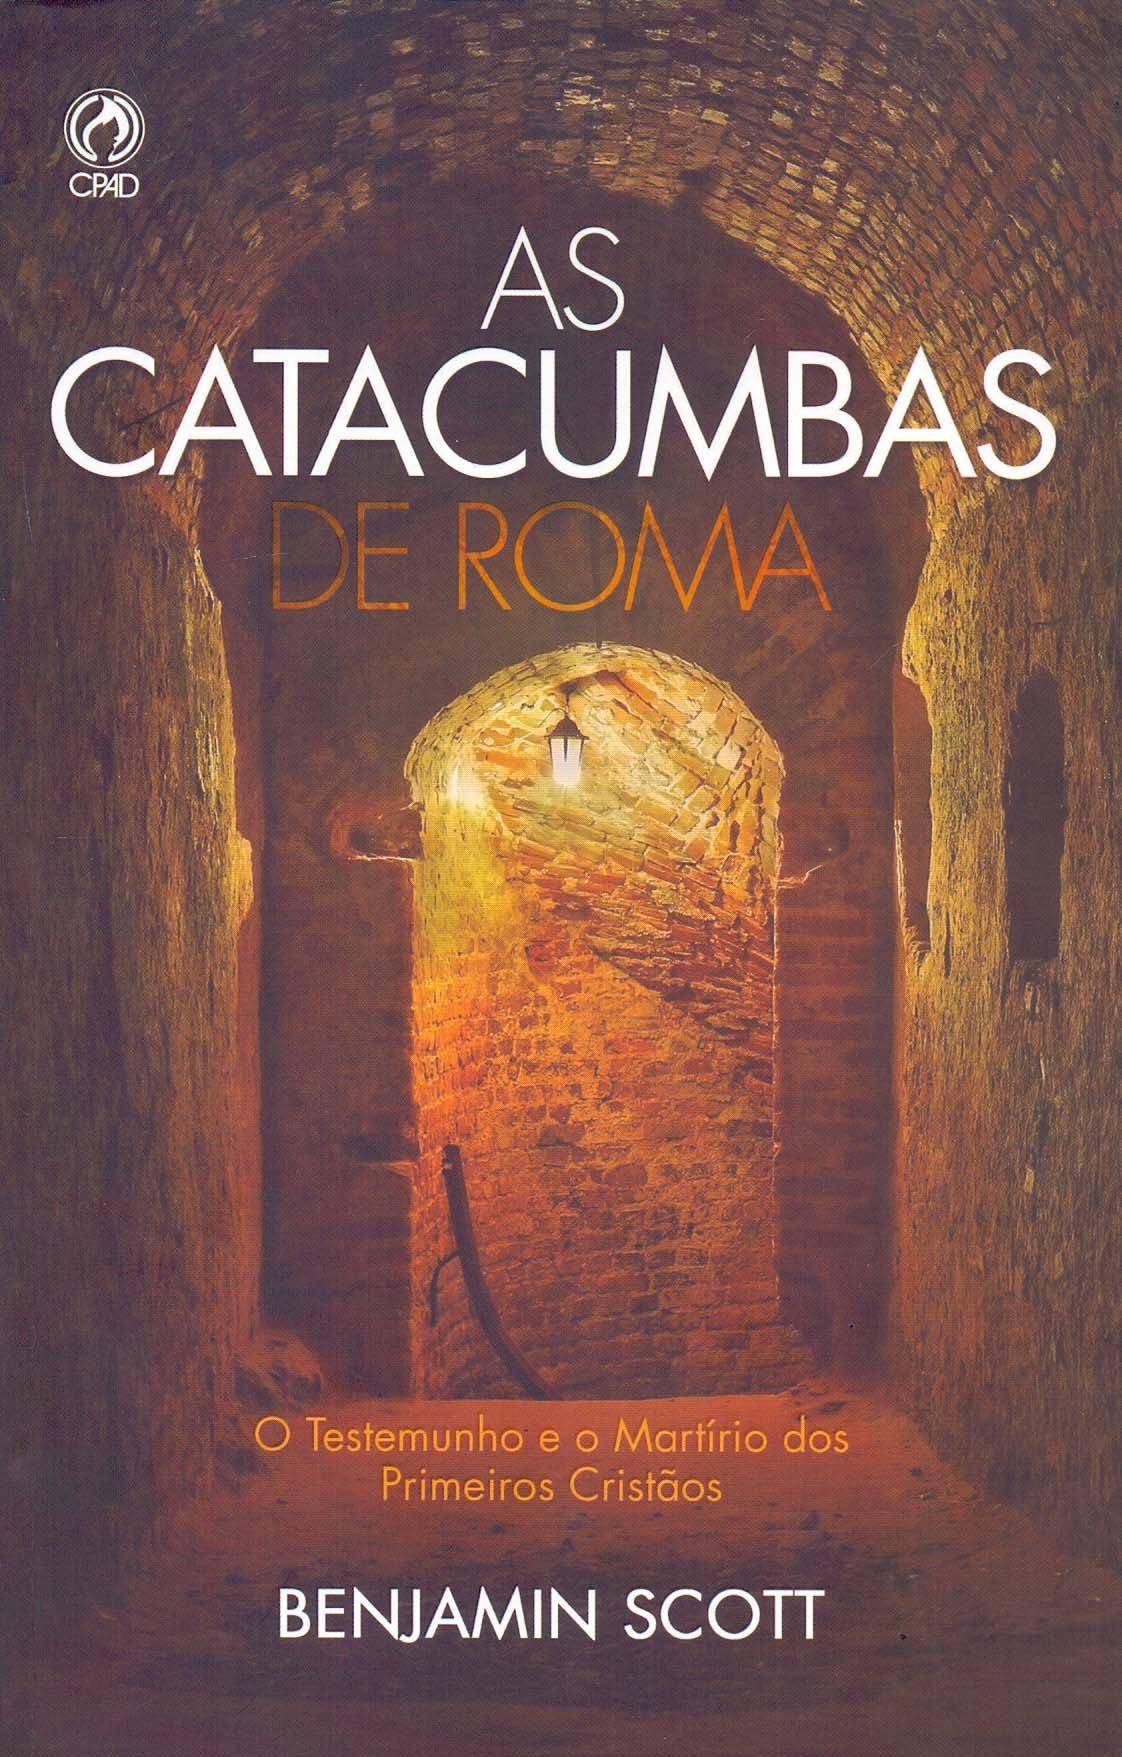 gratis o livro as catacumbas de roma